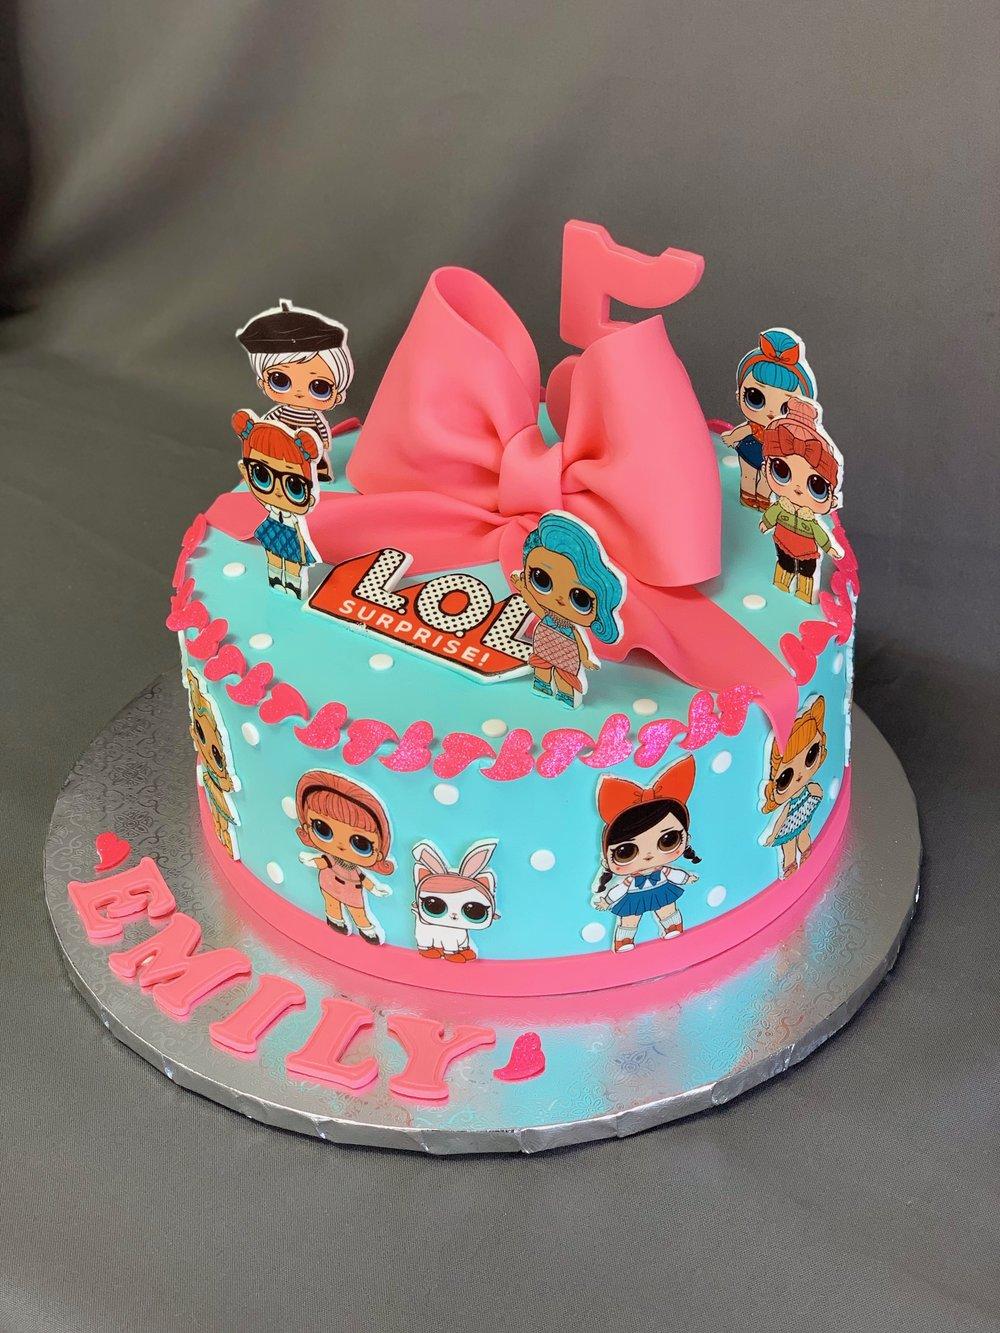 Lol Dolls Birthday Cake Skazka Desserts Bakery Nj Custom Birthday Cakes Cupcakes Shop